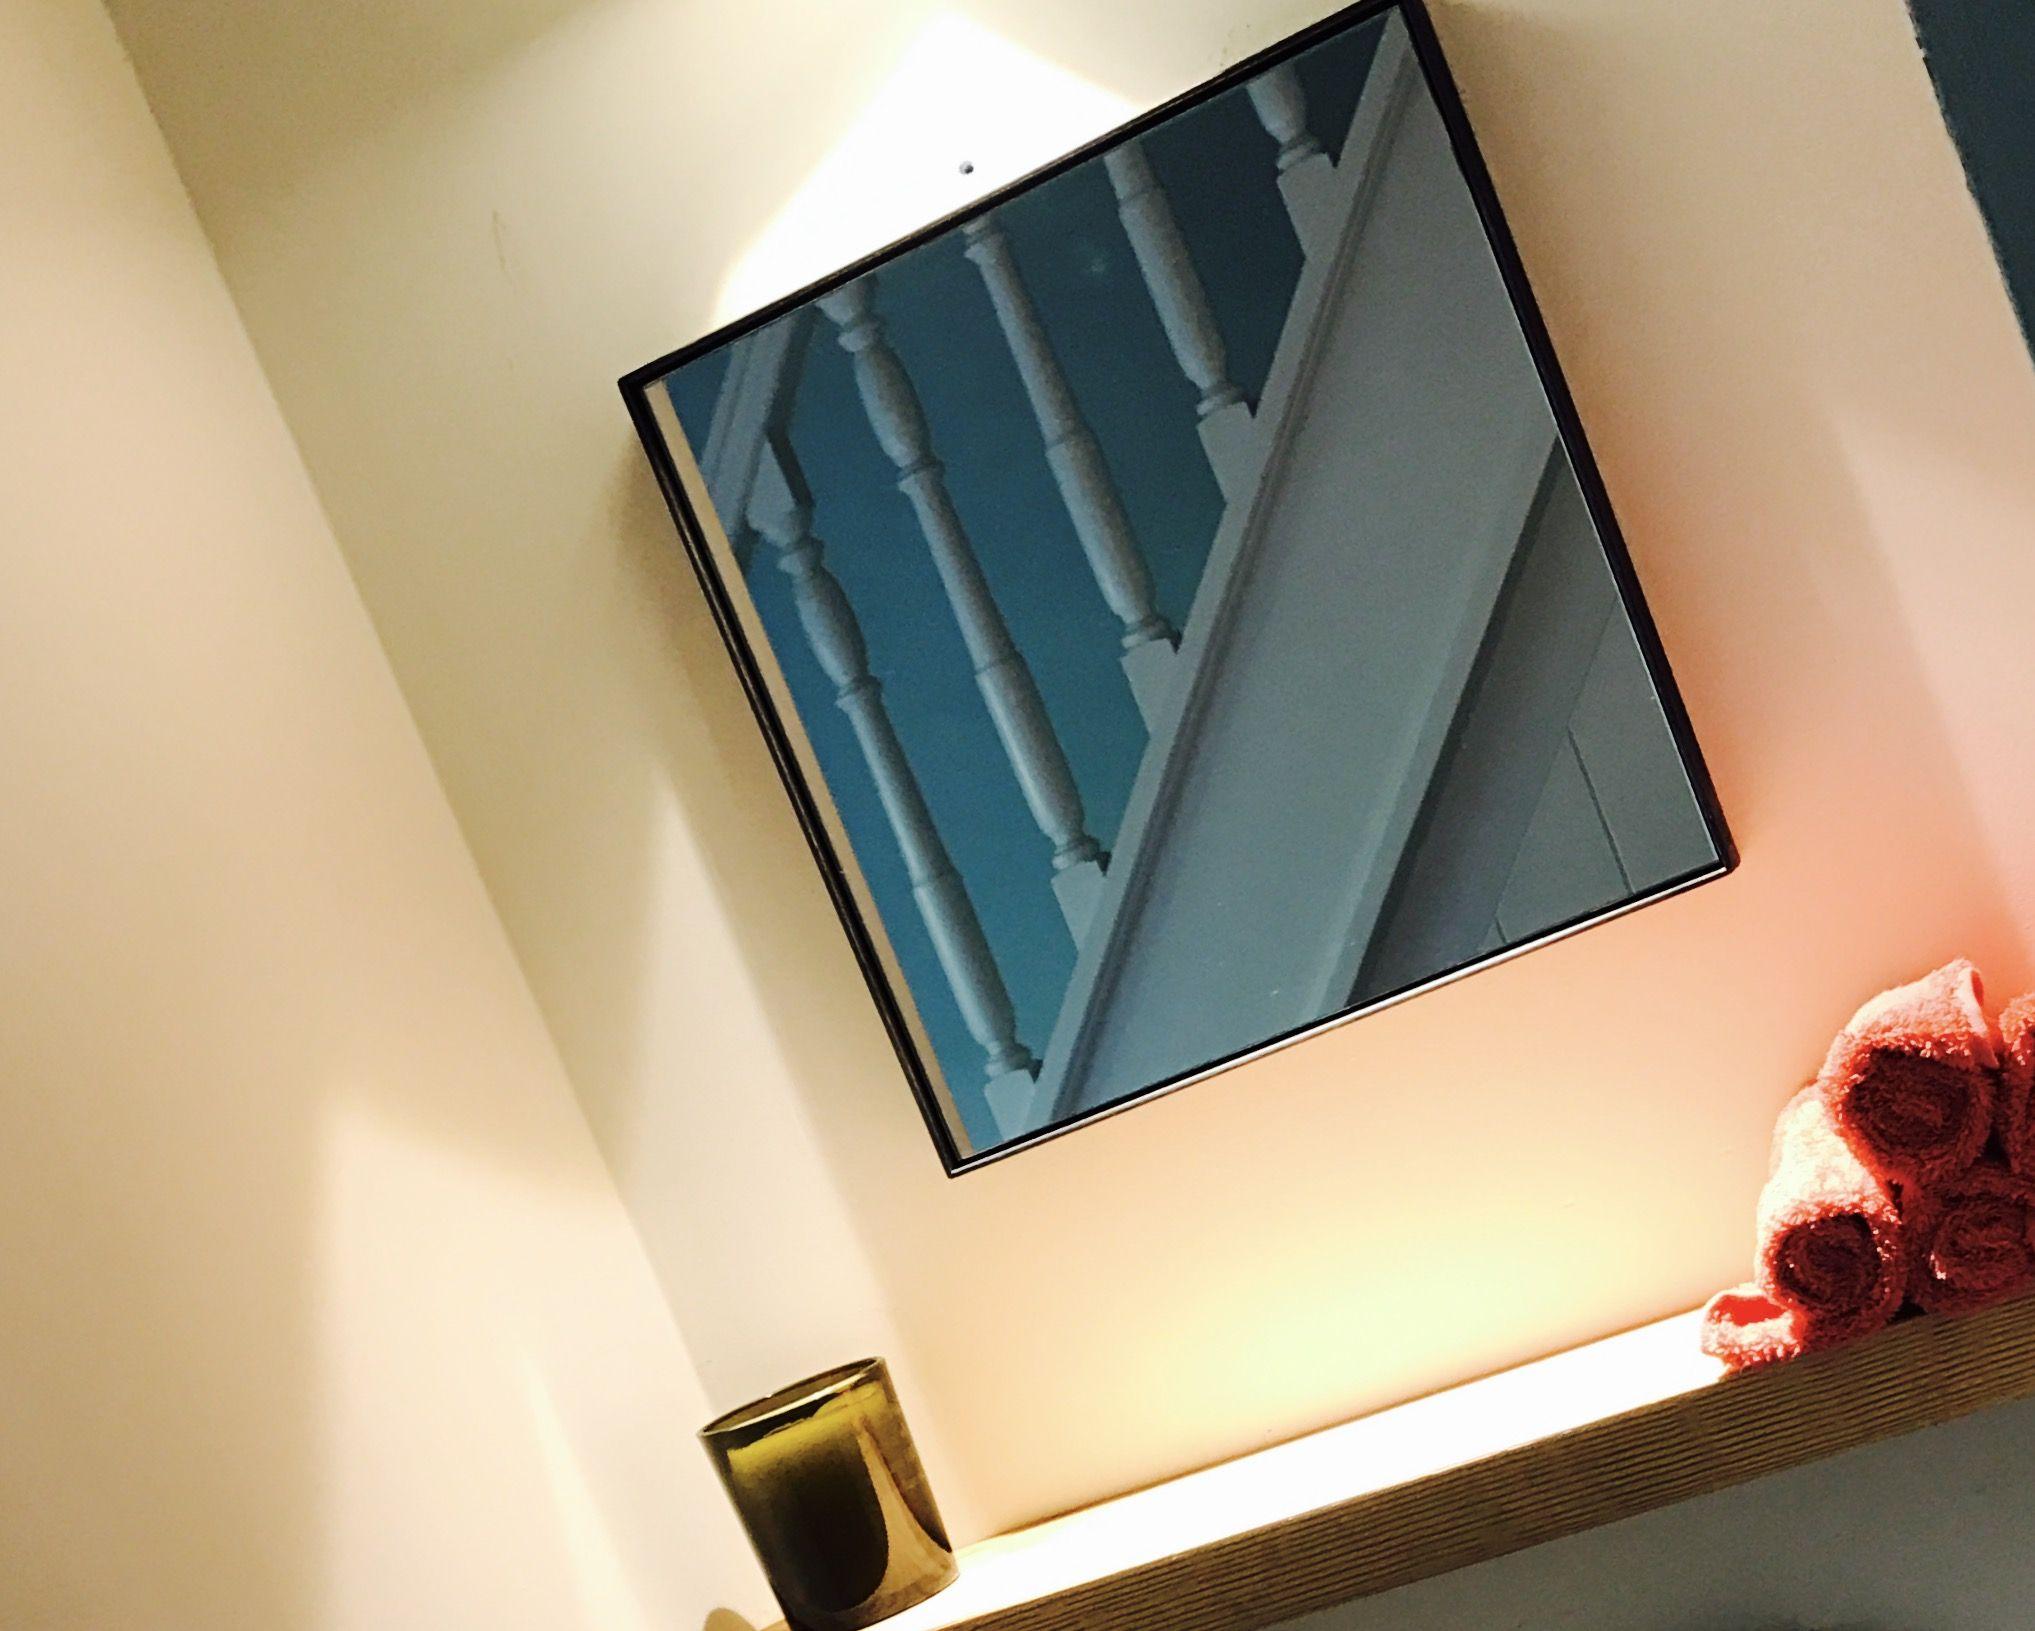 Spiegel Op Maat : Spiegel op maat in staal smeedijzeren meubels & accessoires by